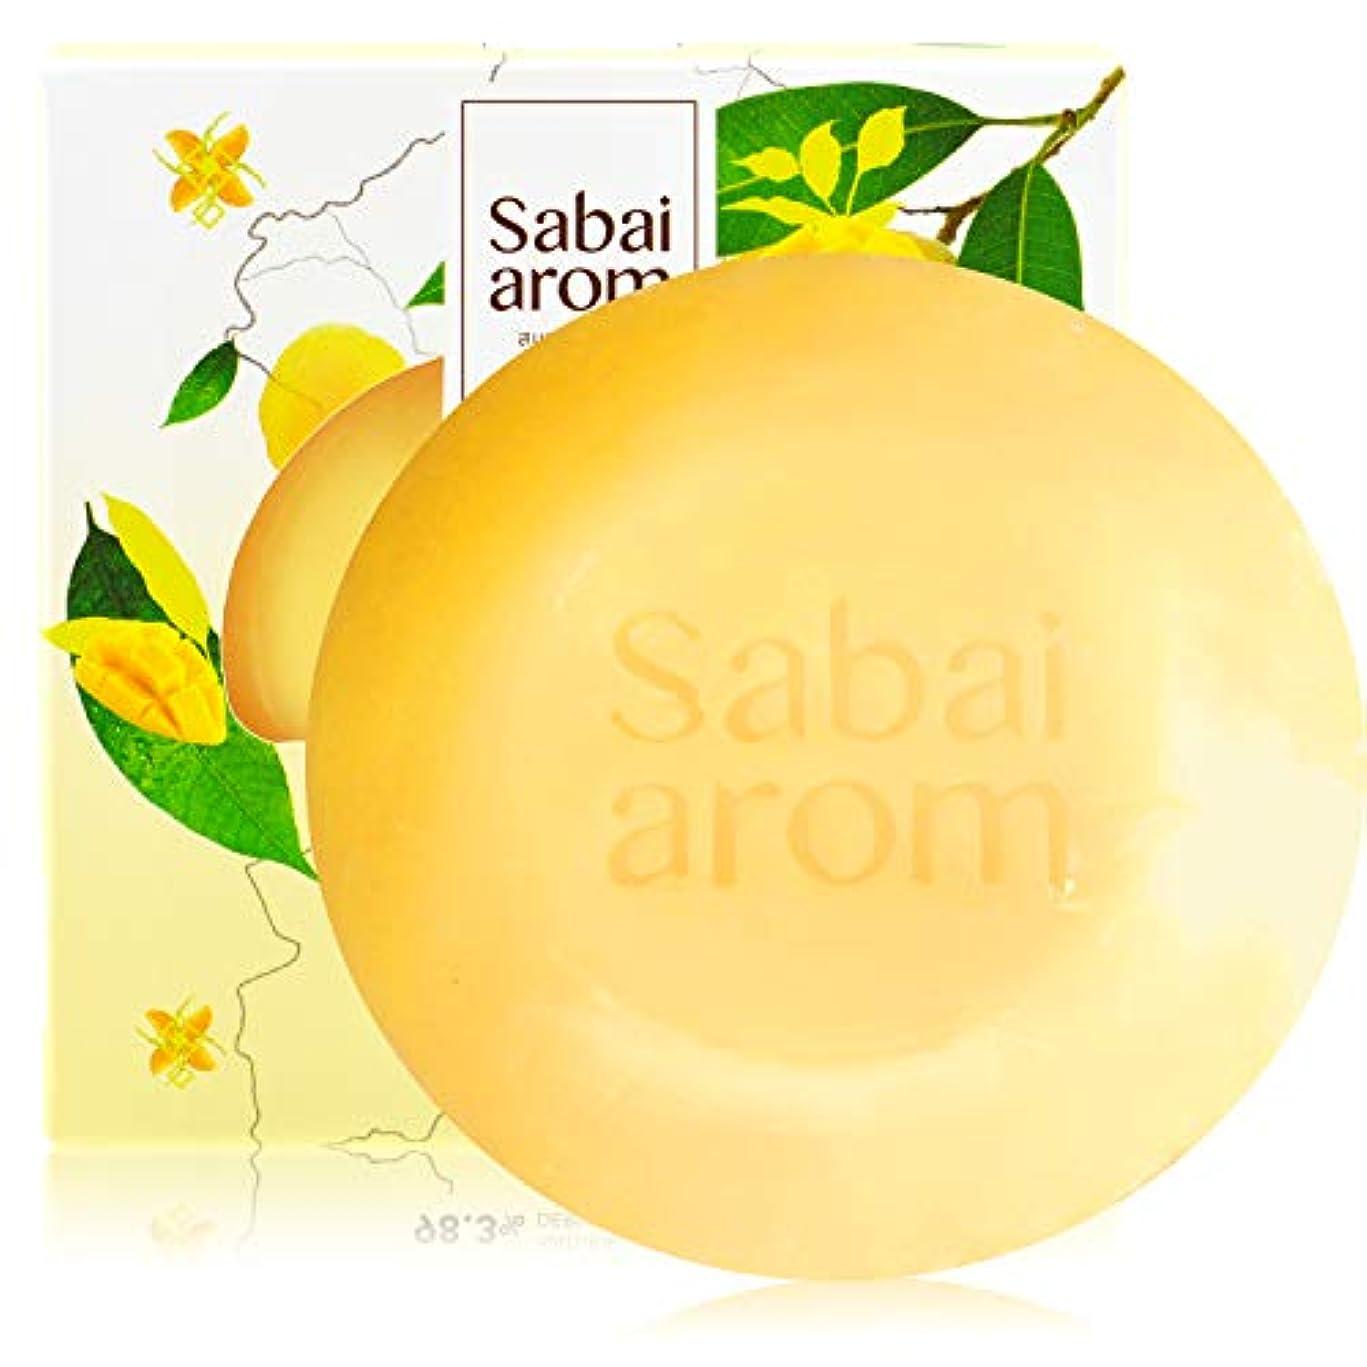 記念品野心的イタリアのサバイアロム(Sabai-arom) マンゴー オーチャード フェイス&ボディソープバー (石鹸) 100g【MAN】【001】